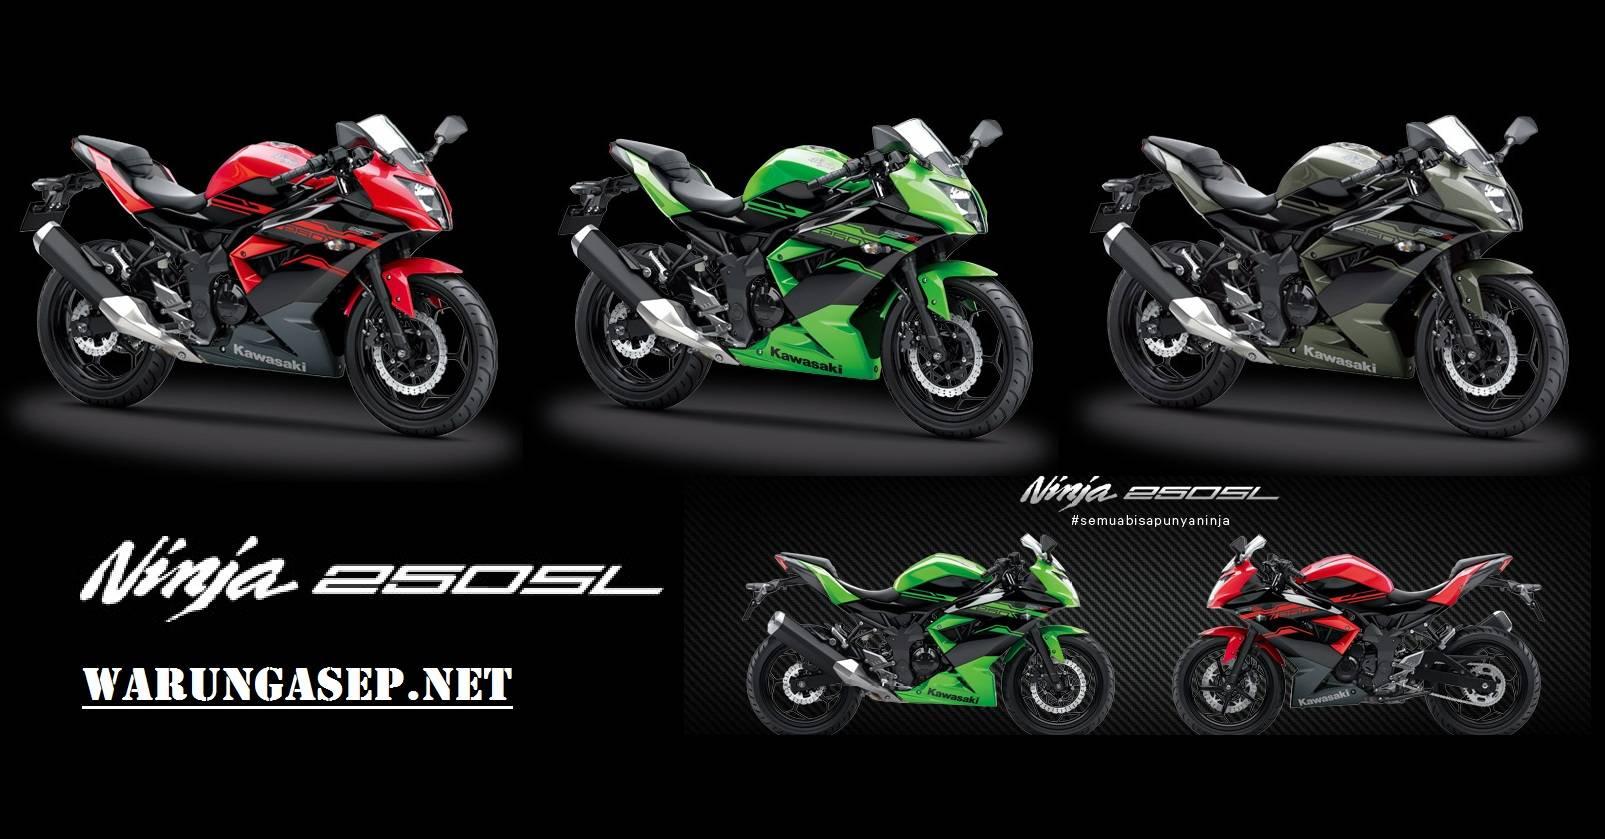 Ini 3 Warna Baru Kawasaki Ninja 250sl 2017 Ninja Termurah Di Dunia